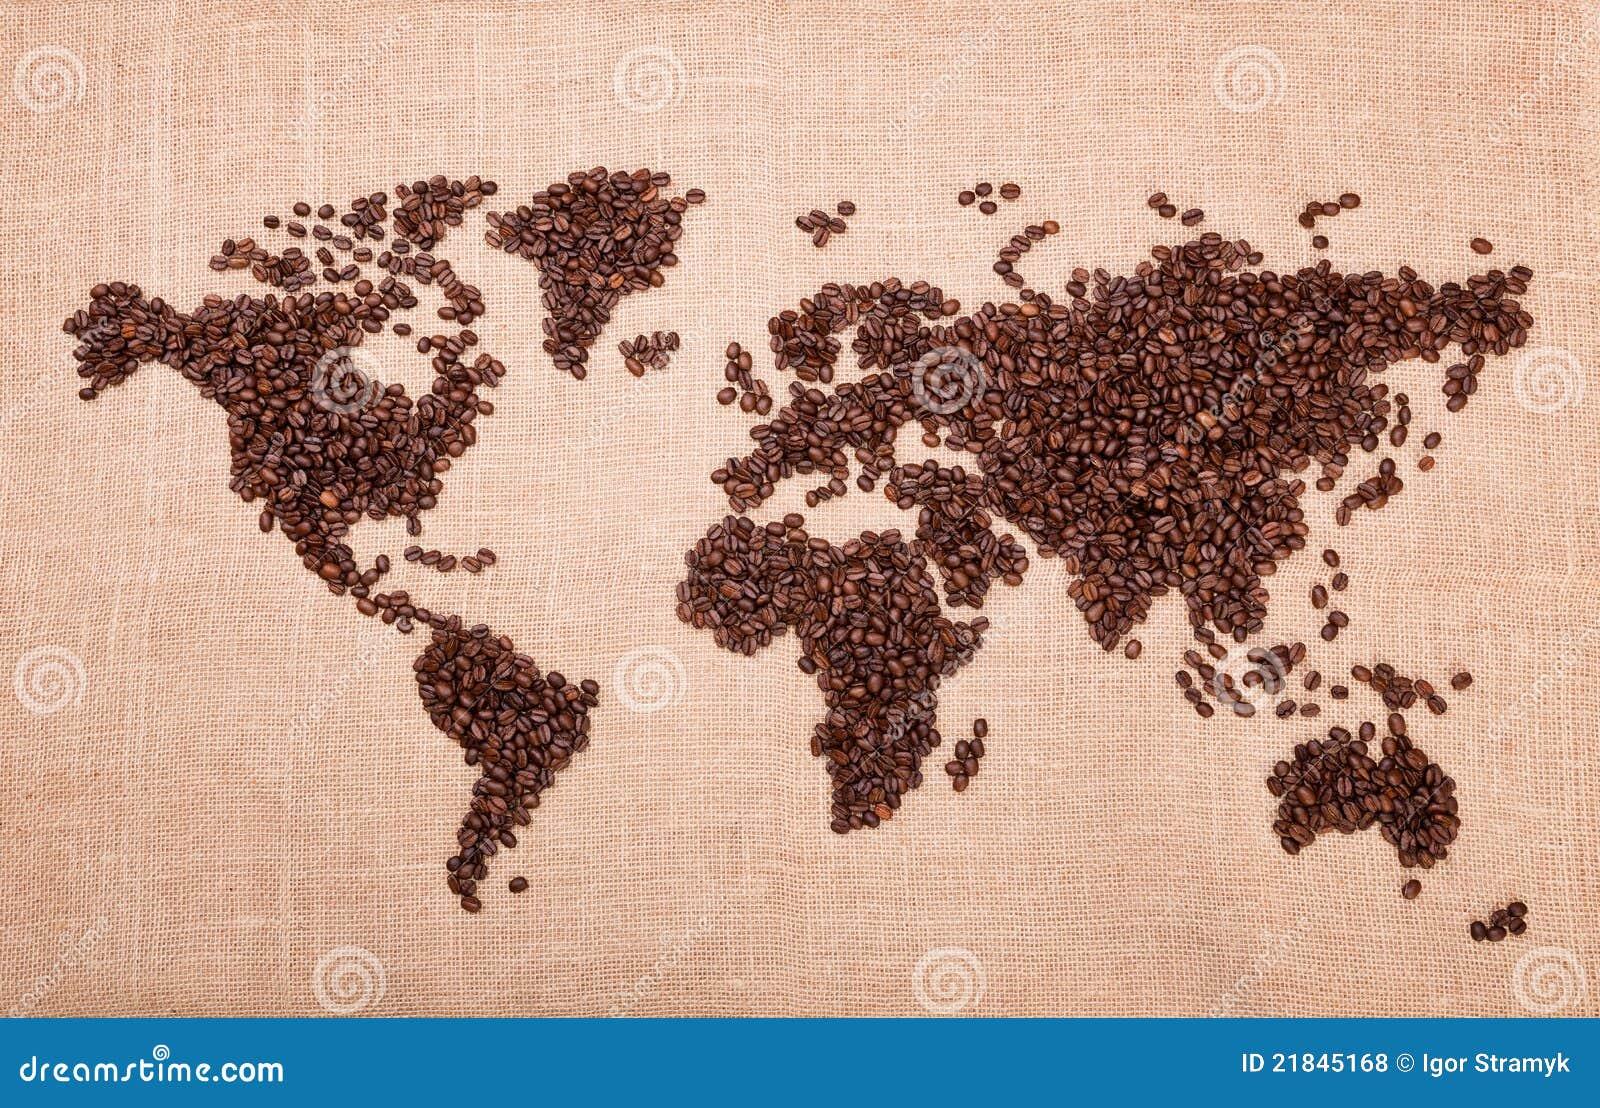 Correspondencia hecha del café